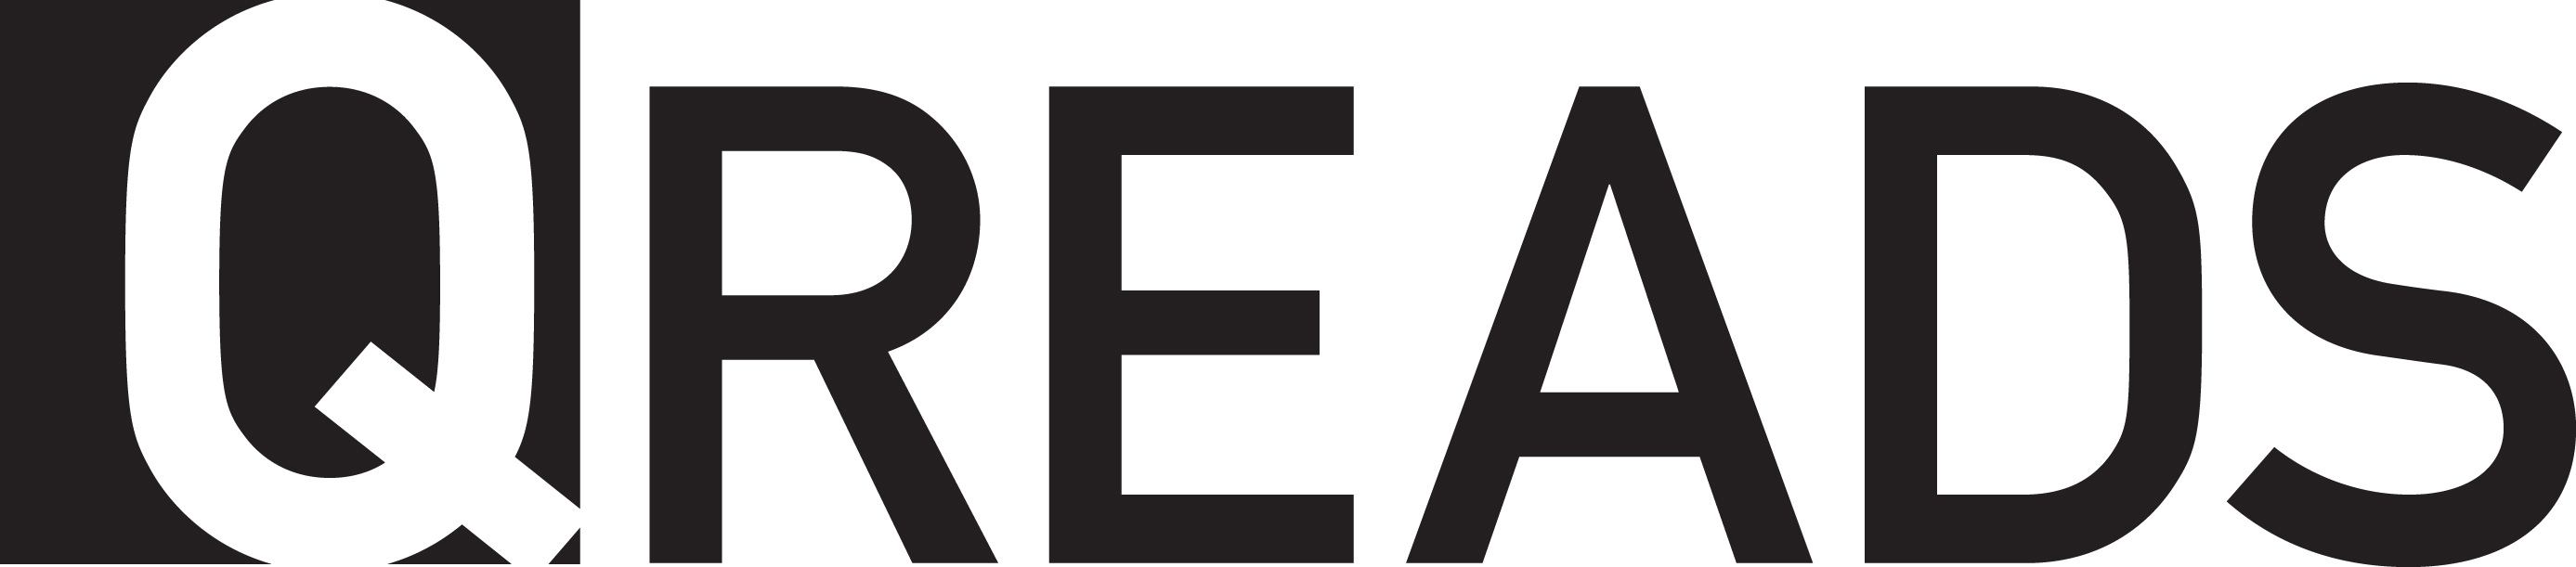 qreads-logo.jpg